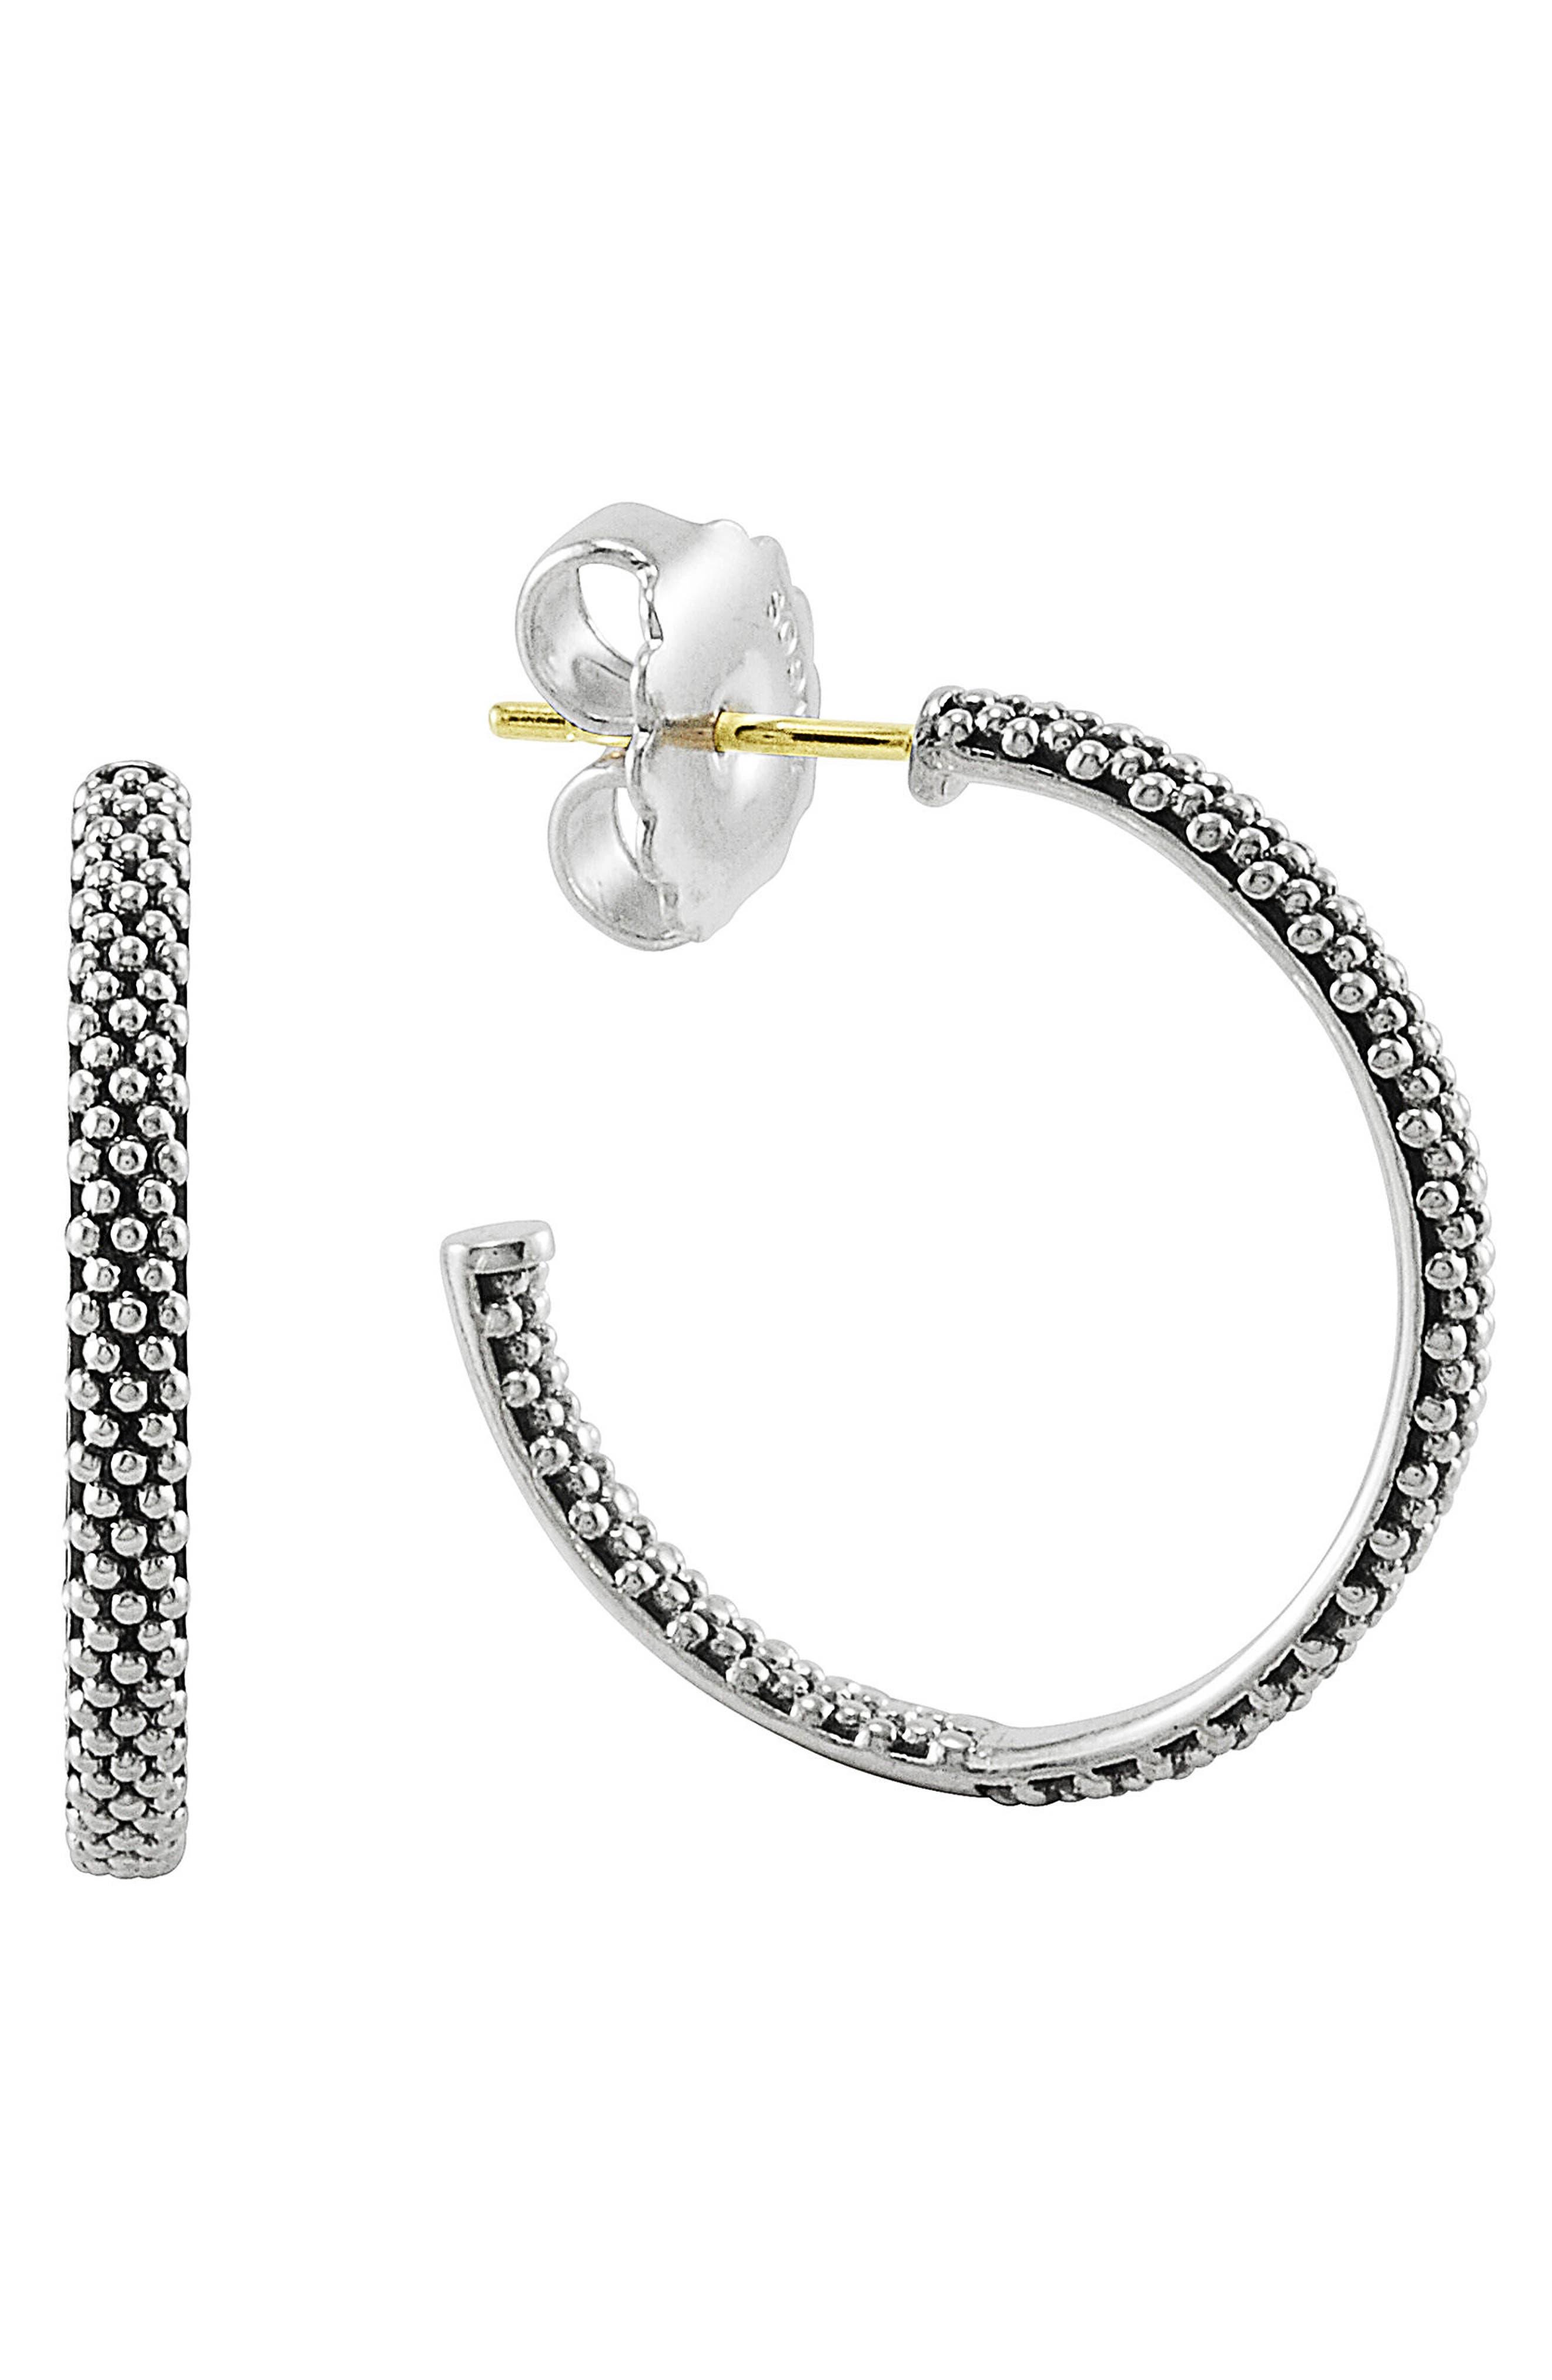 Caviar Hoop Earrings,                         Main,                         color, Sterling Silver